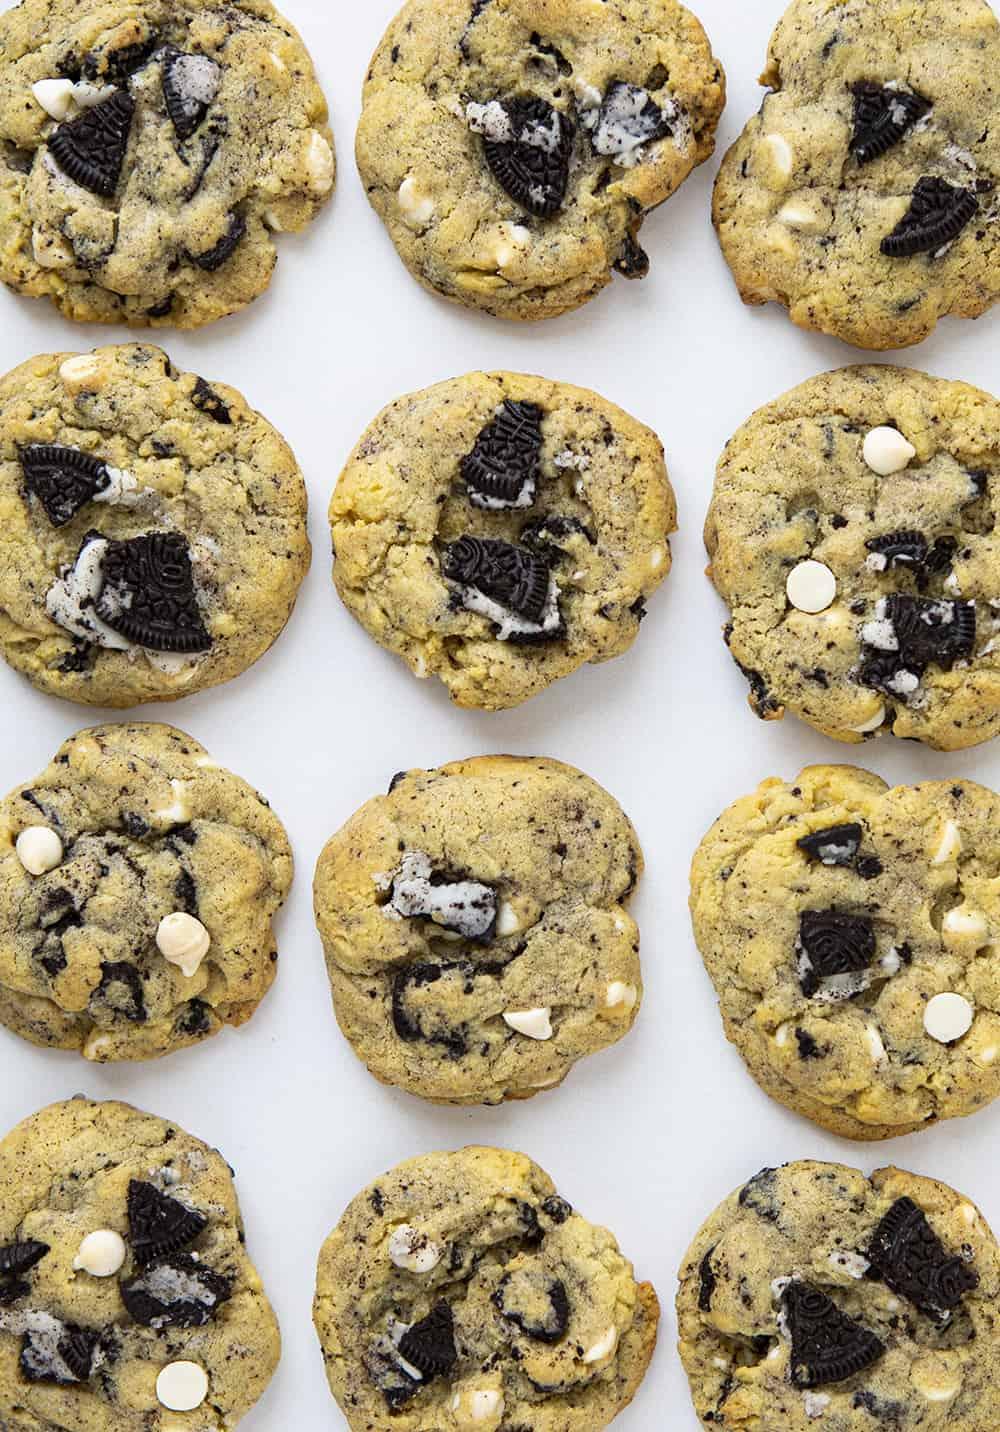 Image aérienne de cookies et de cookies à la crème placés côte à côte sur une surface plane blanche